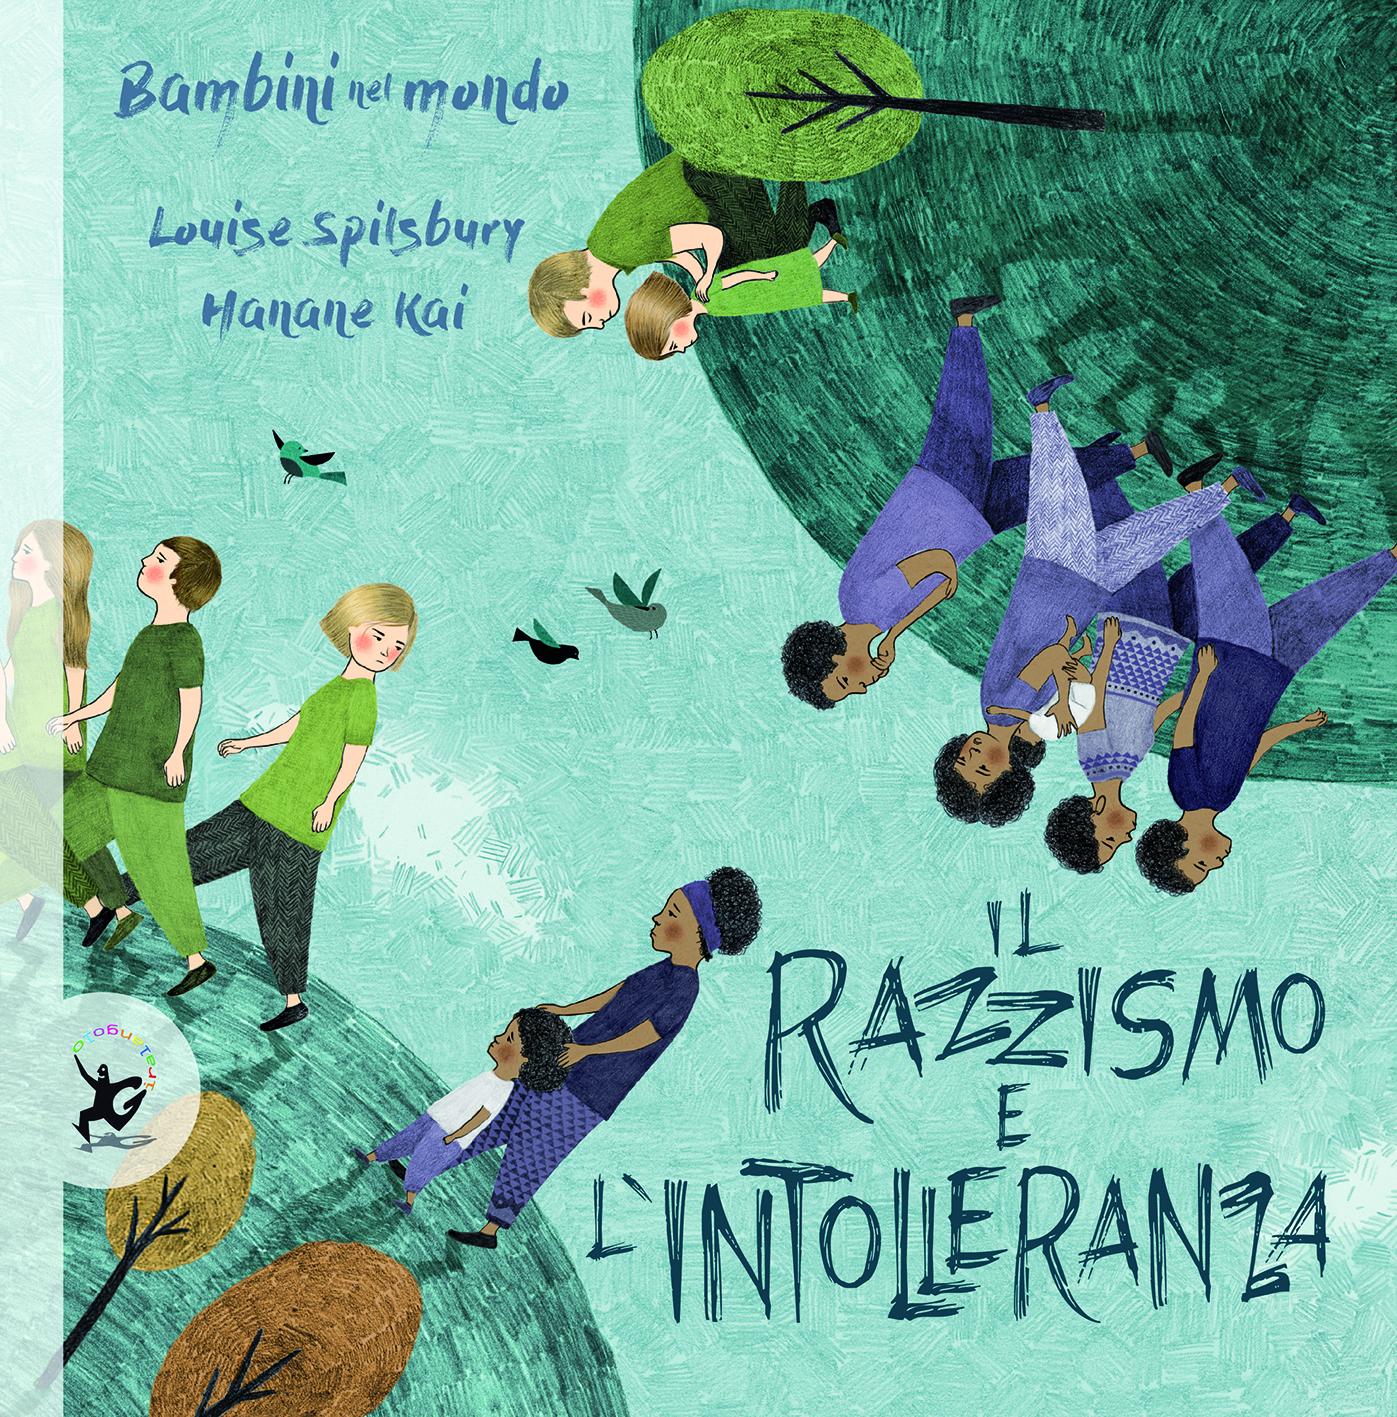 Il razzismo e l'intolleranza